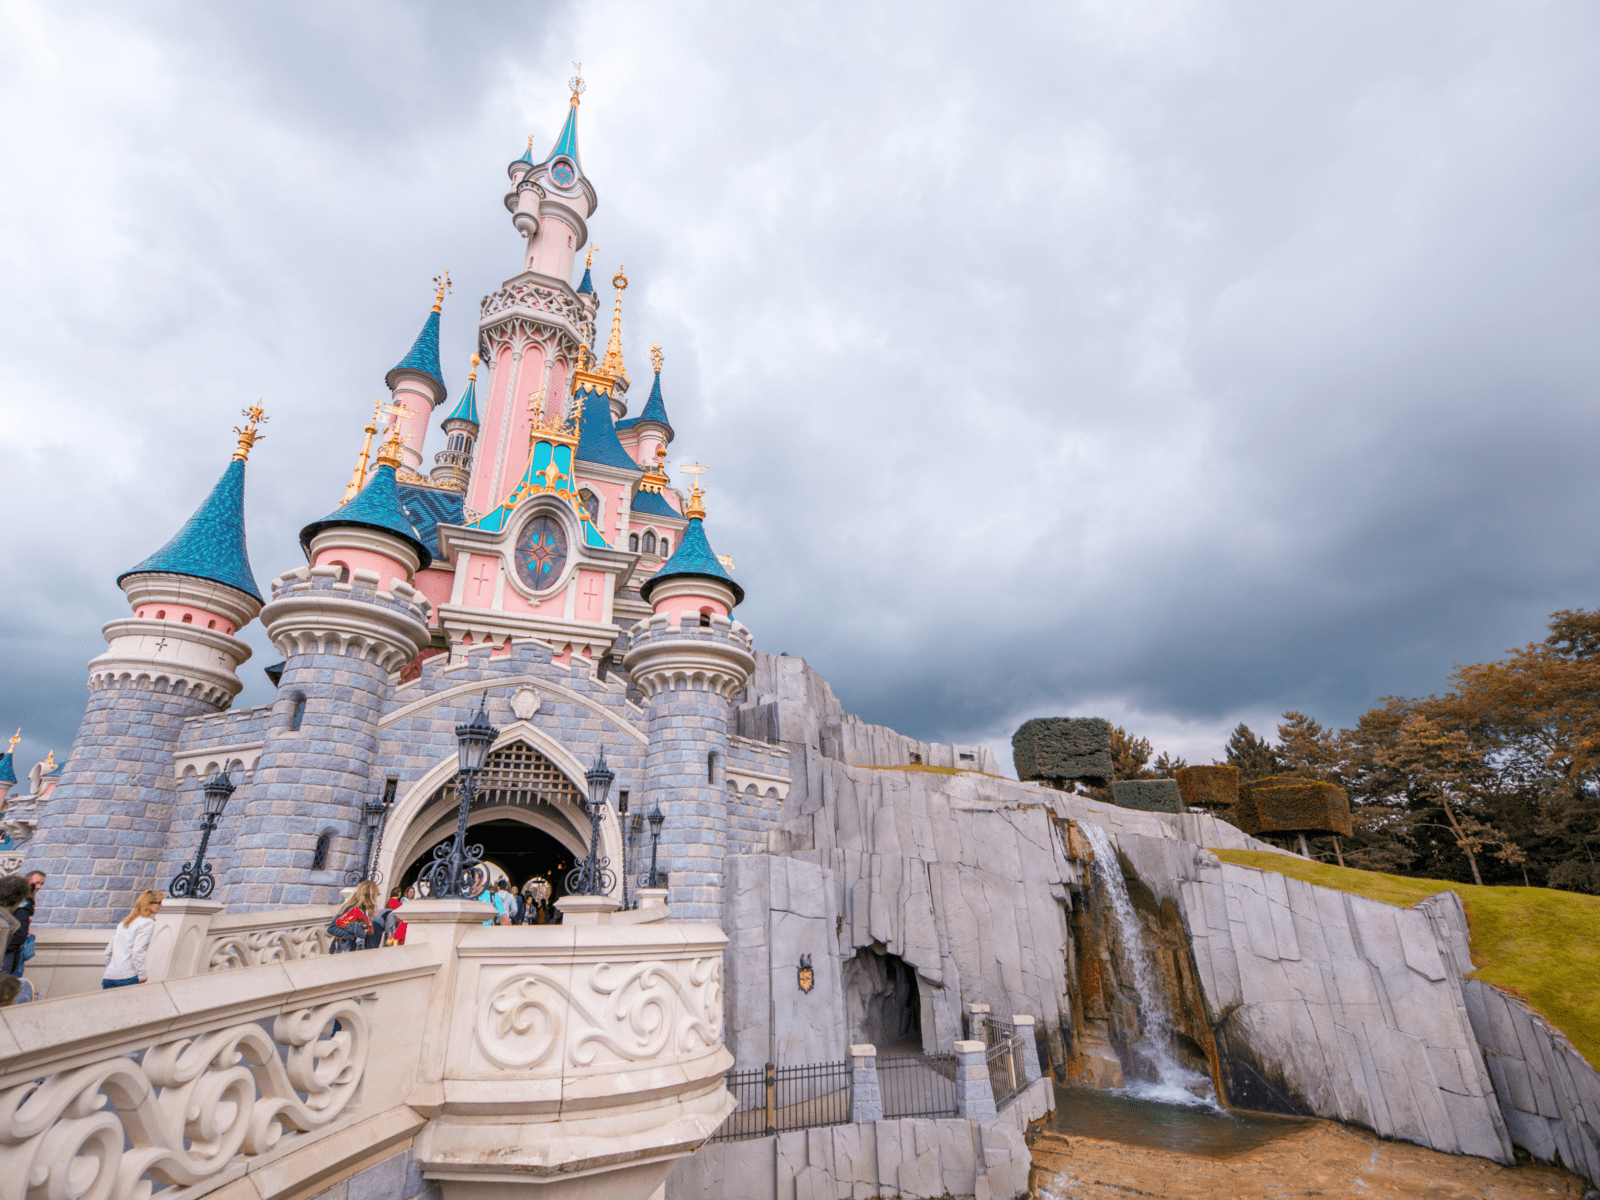 dagtrip naar Disneyland Parijs